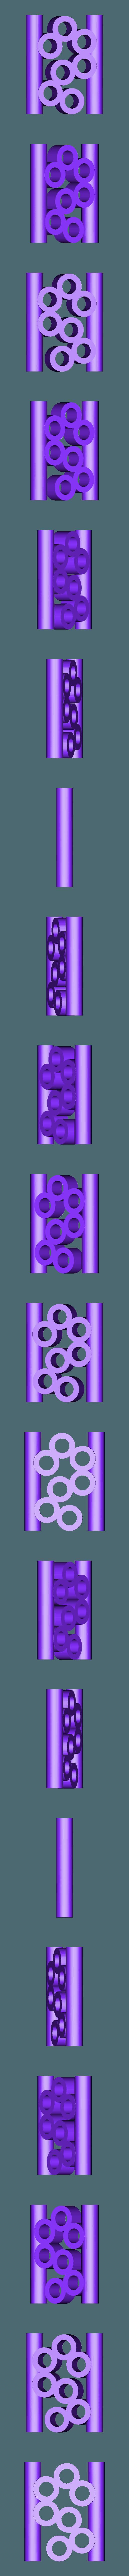 modularbubblebraceletev4.stl Télécharger fichier STL gratuit Bracelet à Bulles Modulaire • Objet imprimable en 3D, Urgnarb